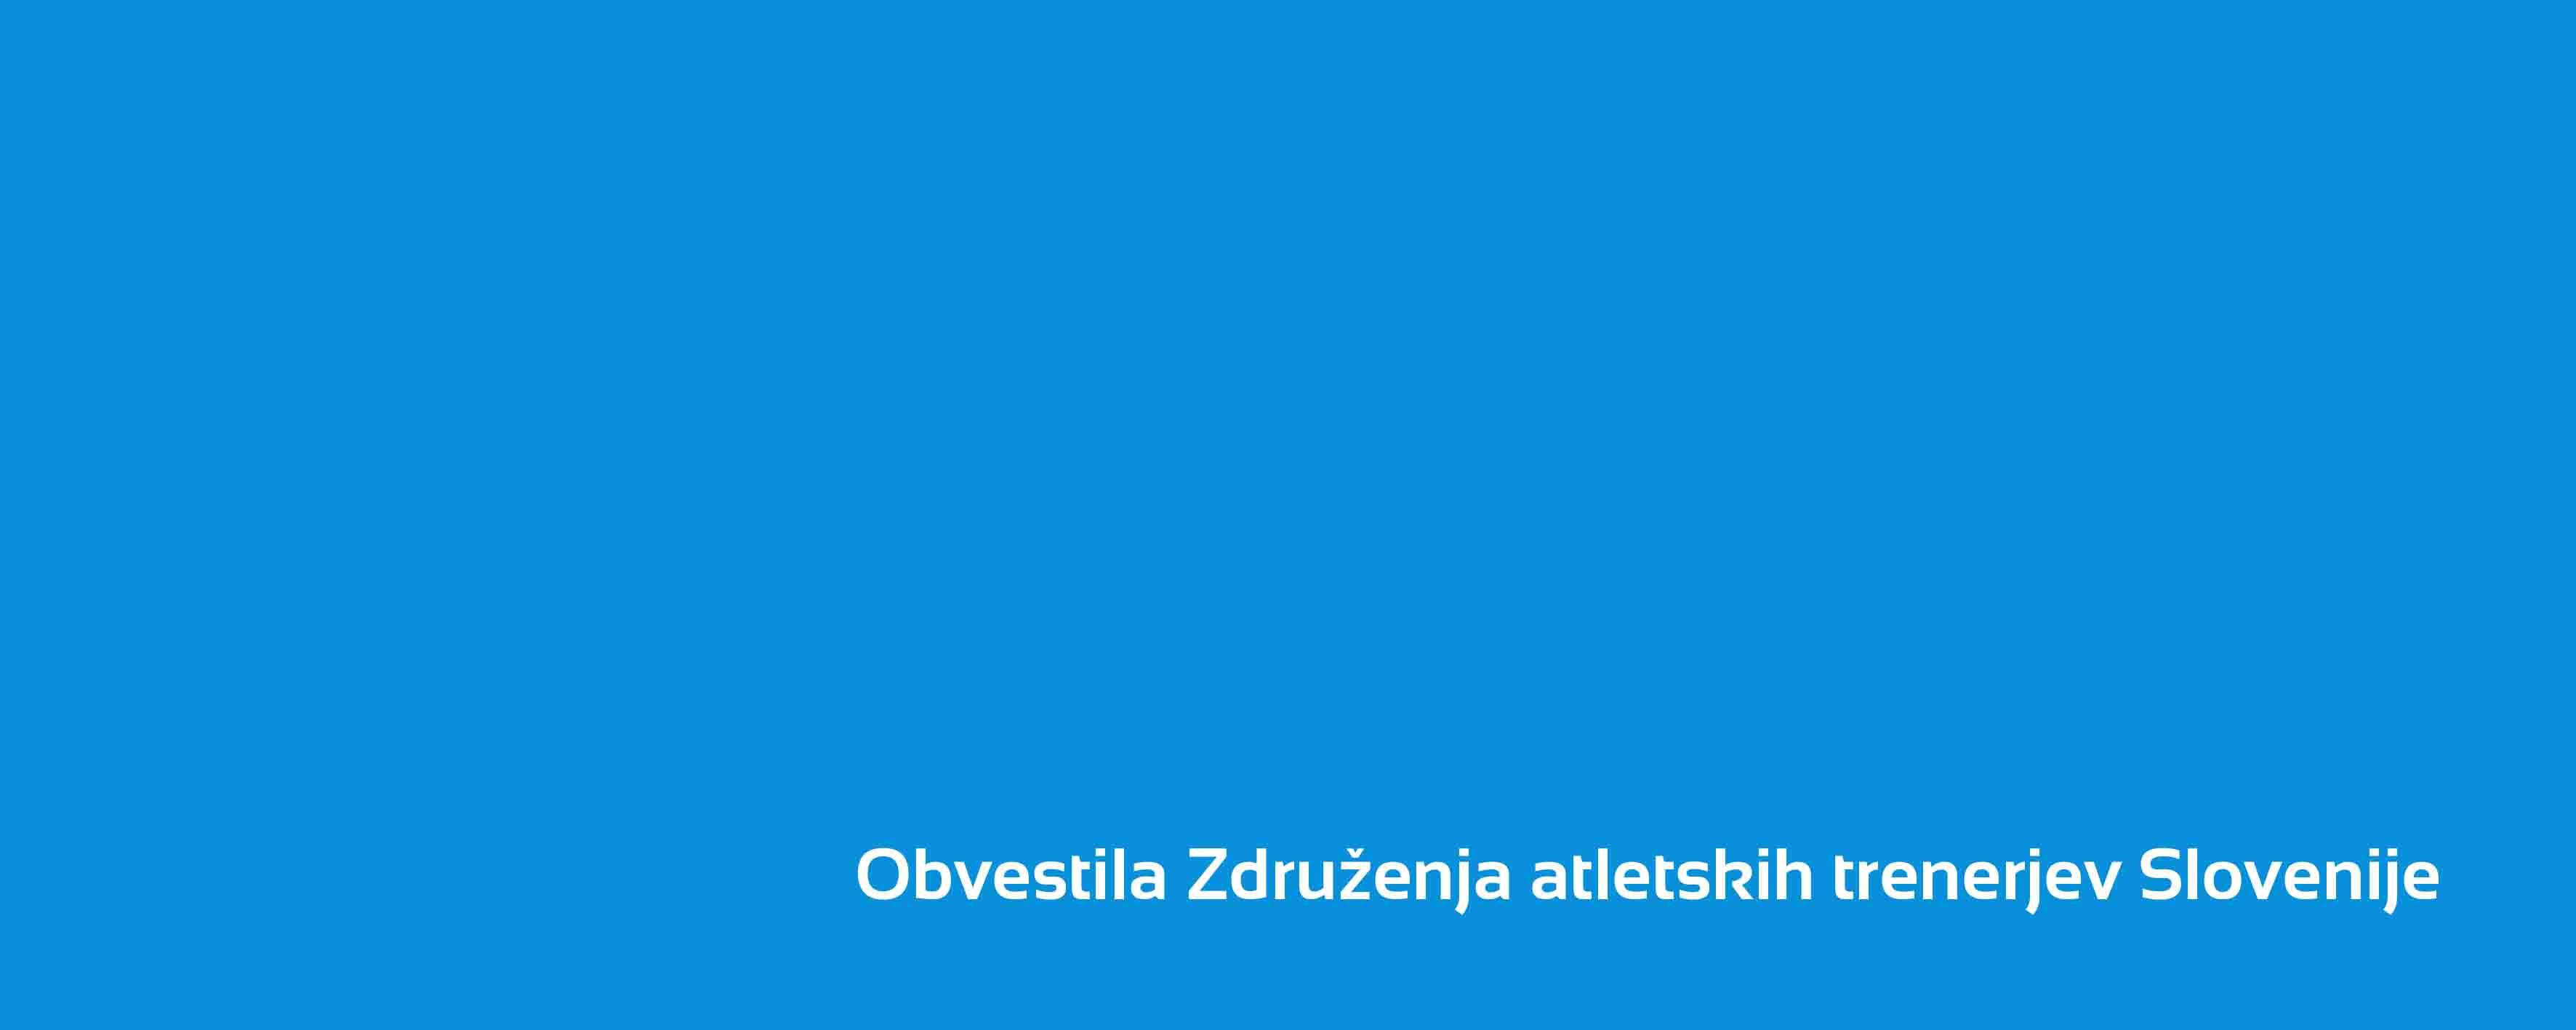 obvestila_zats